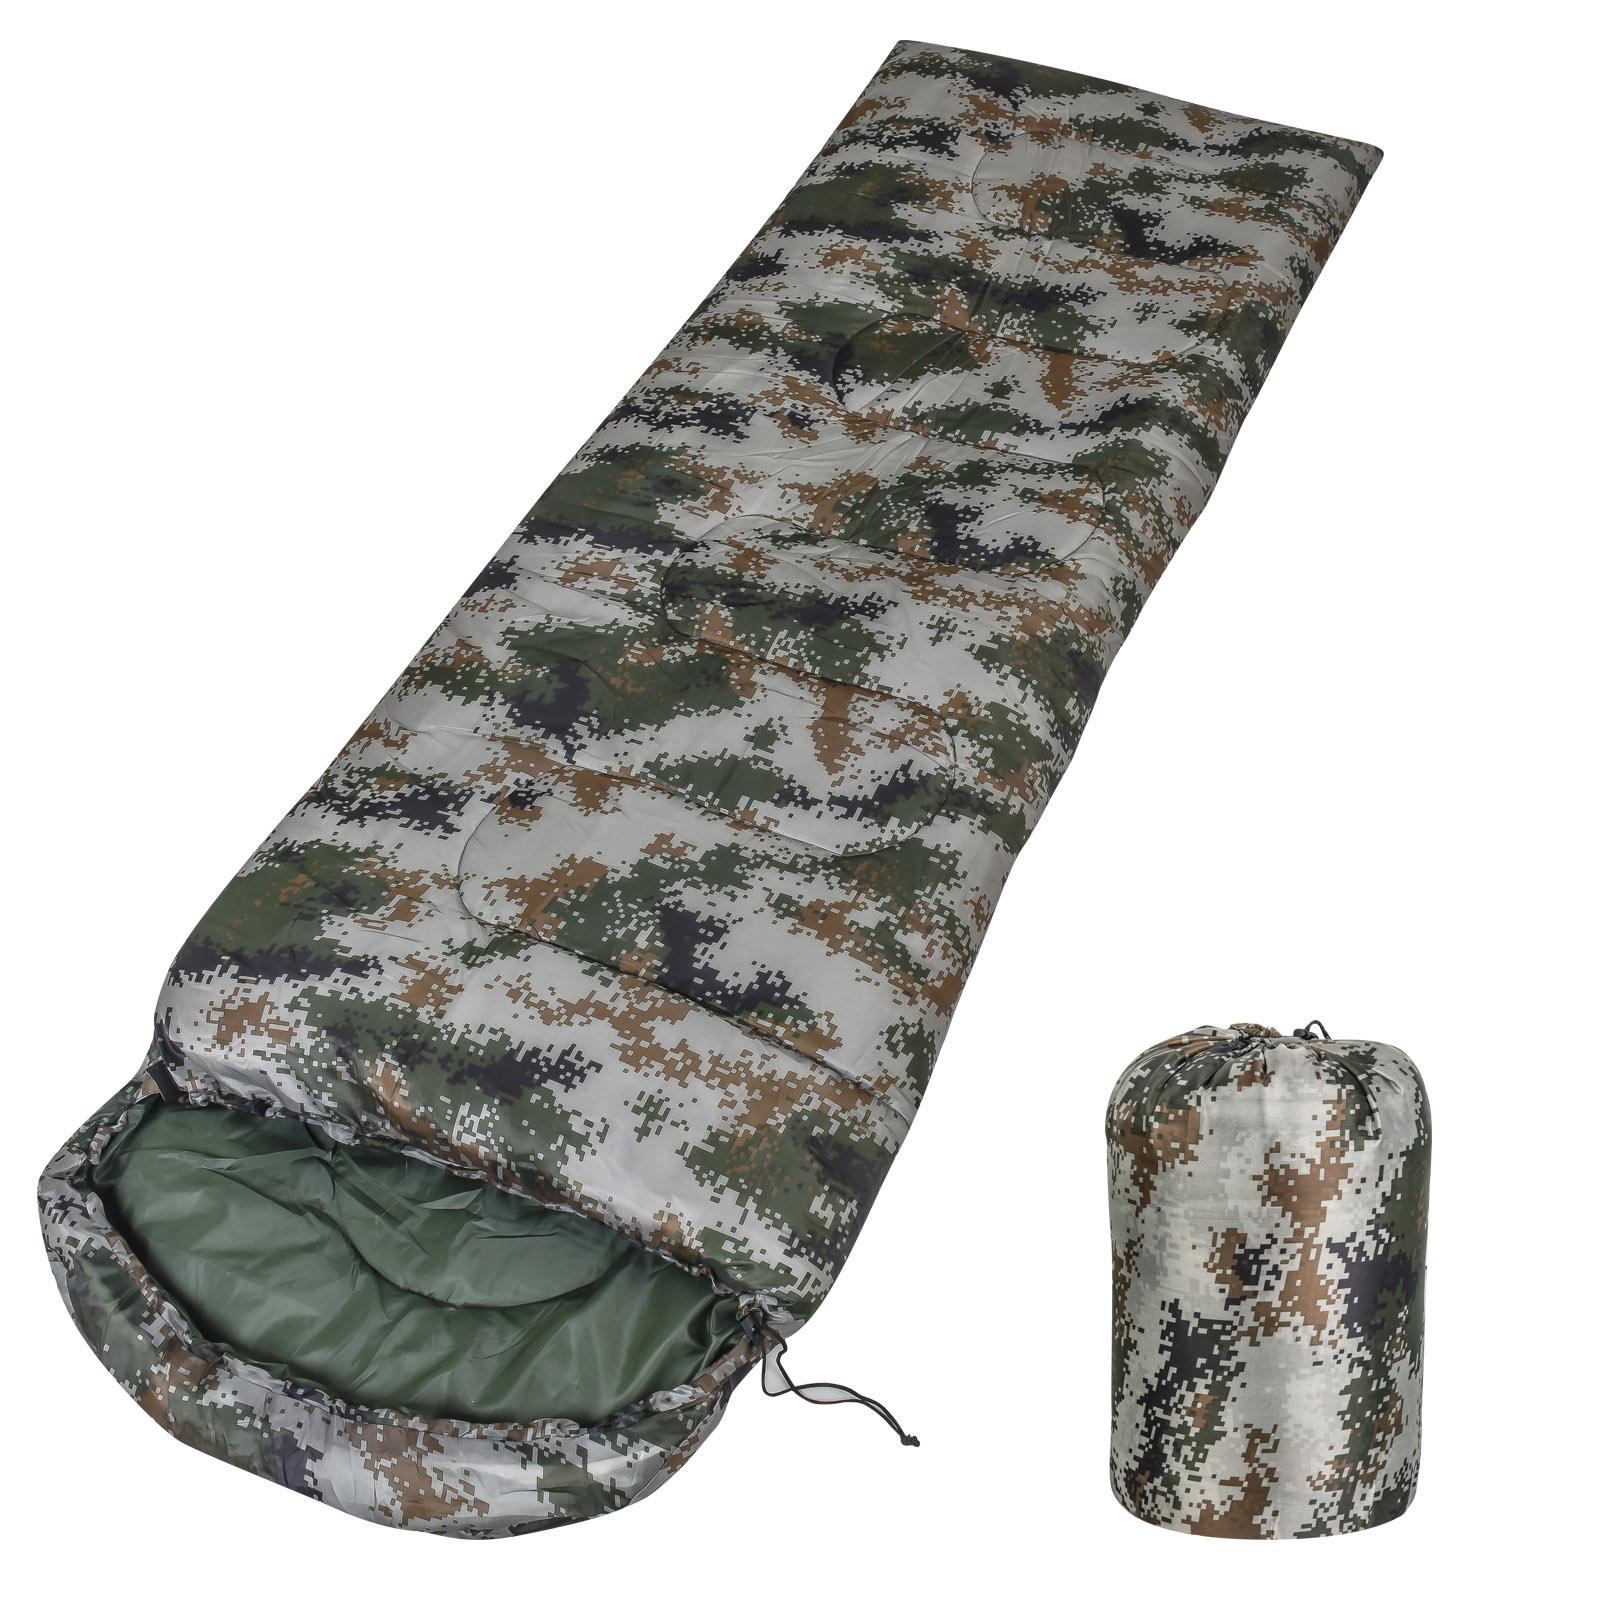 Зимний спальный мешок для военных и туристов 2.4 кг